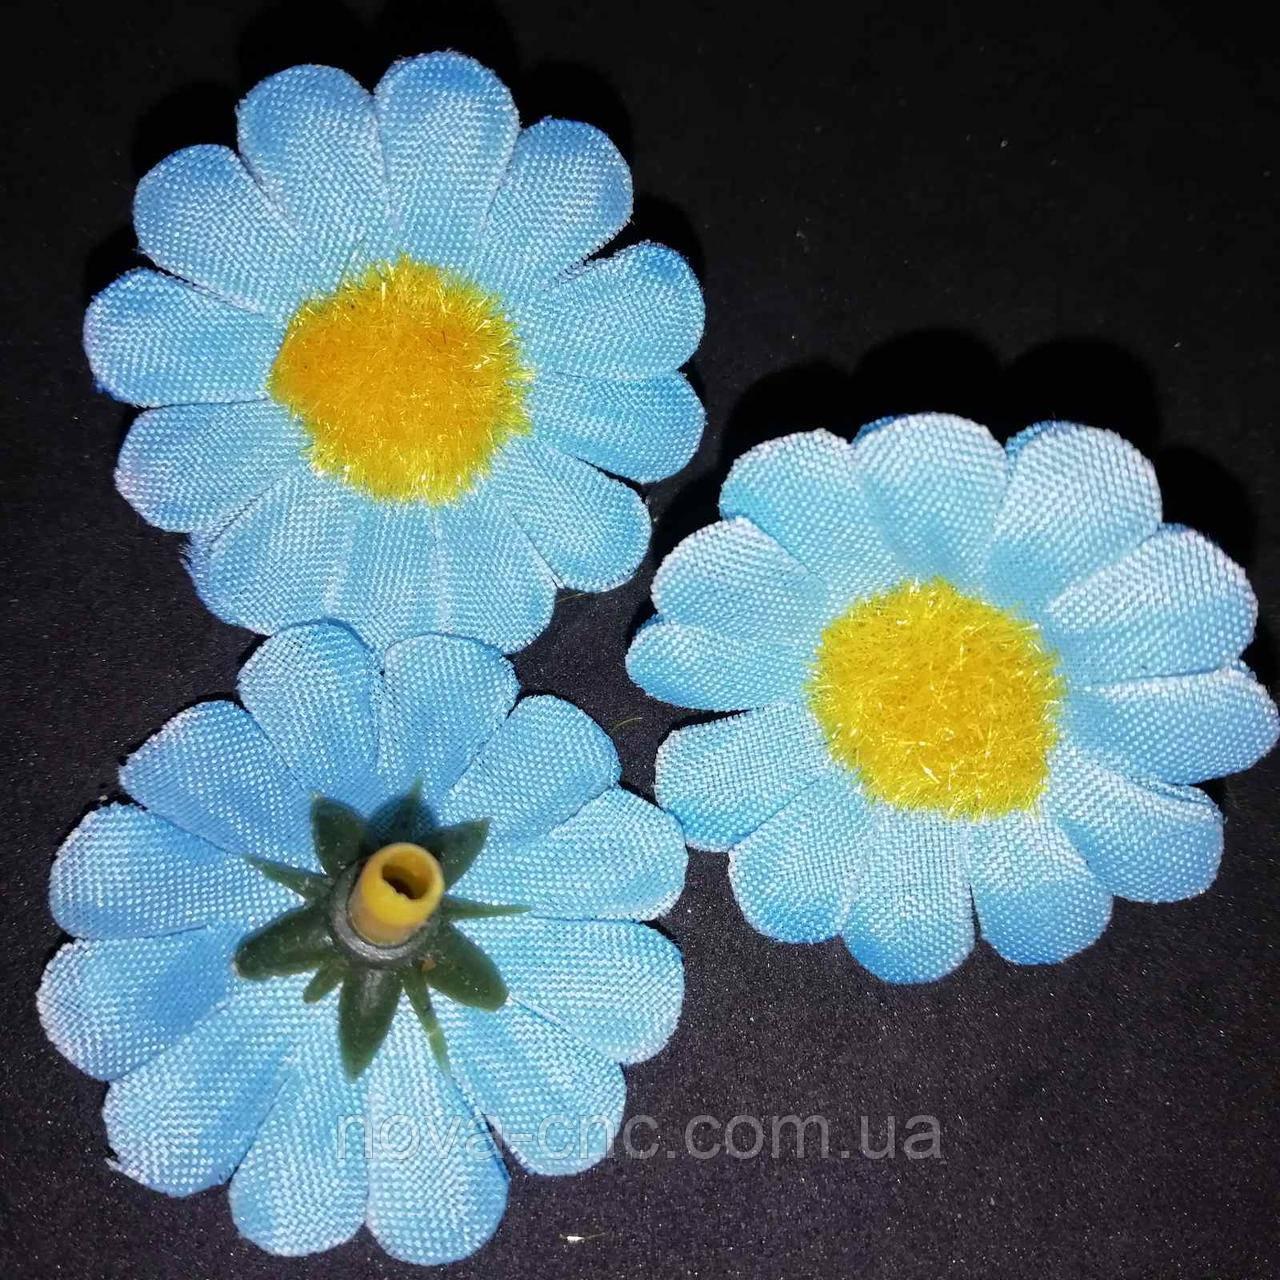 """Цветок тканевый """"Ромашка"""" голубой 3 см 100 шт в упаковке"""